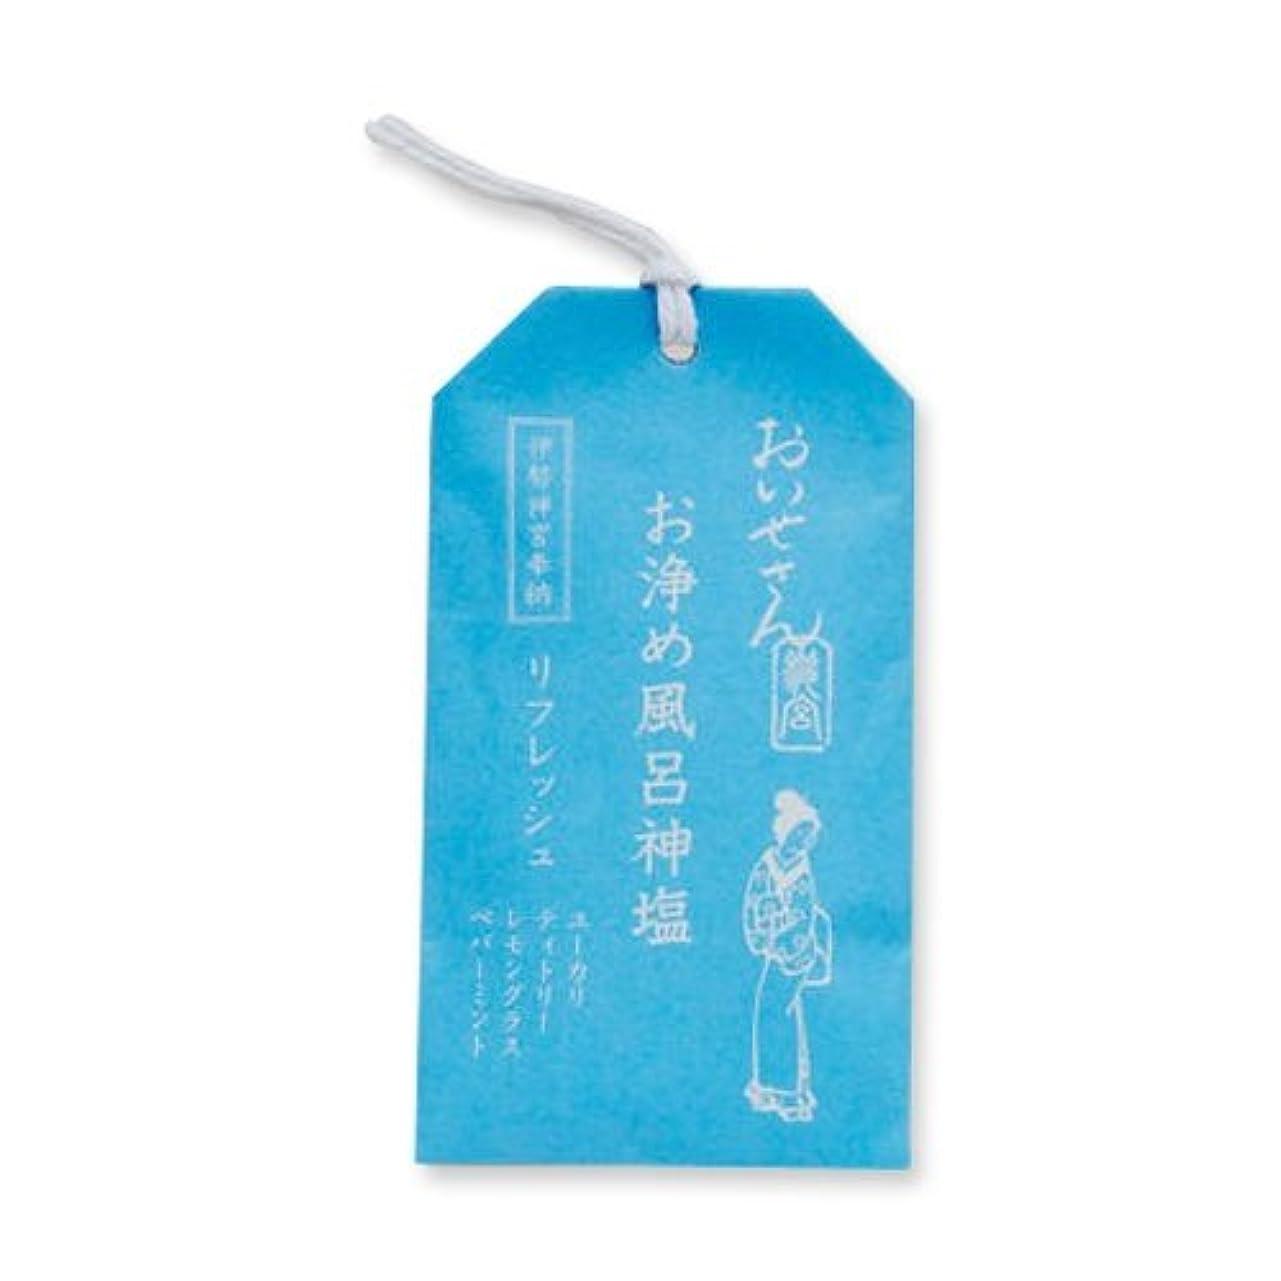 大胆不敵ライドギャラントリーおいせさん お浄め風呂神塩 バス用ソルト(リフレッシュ) 20g